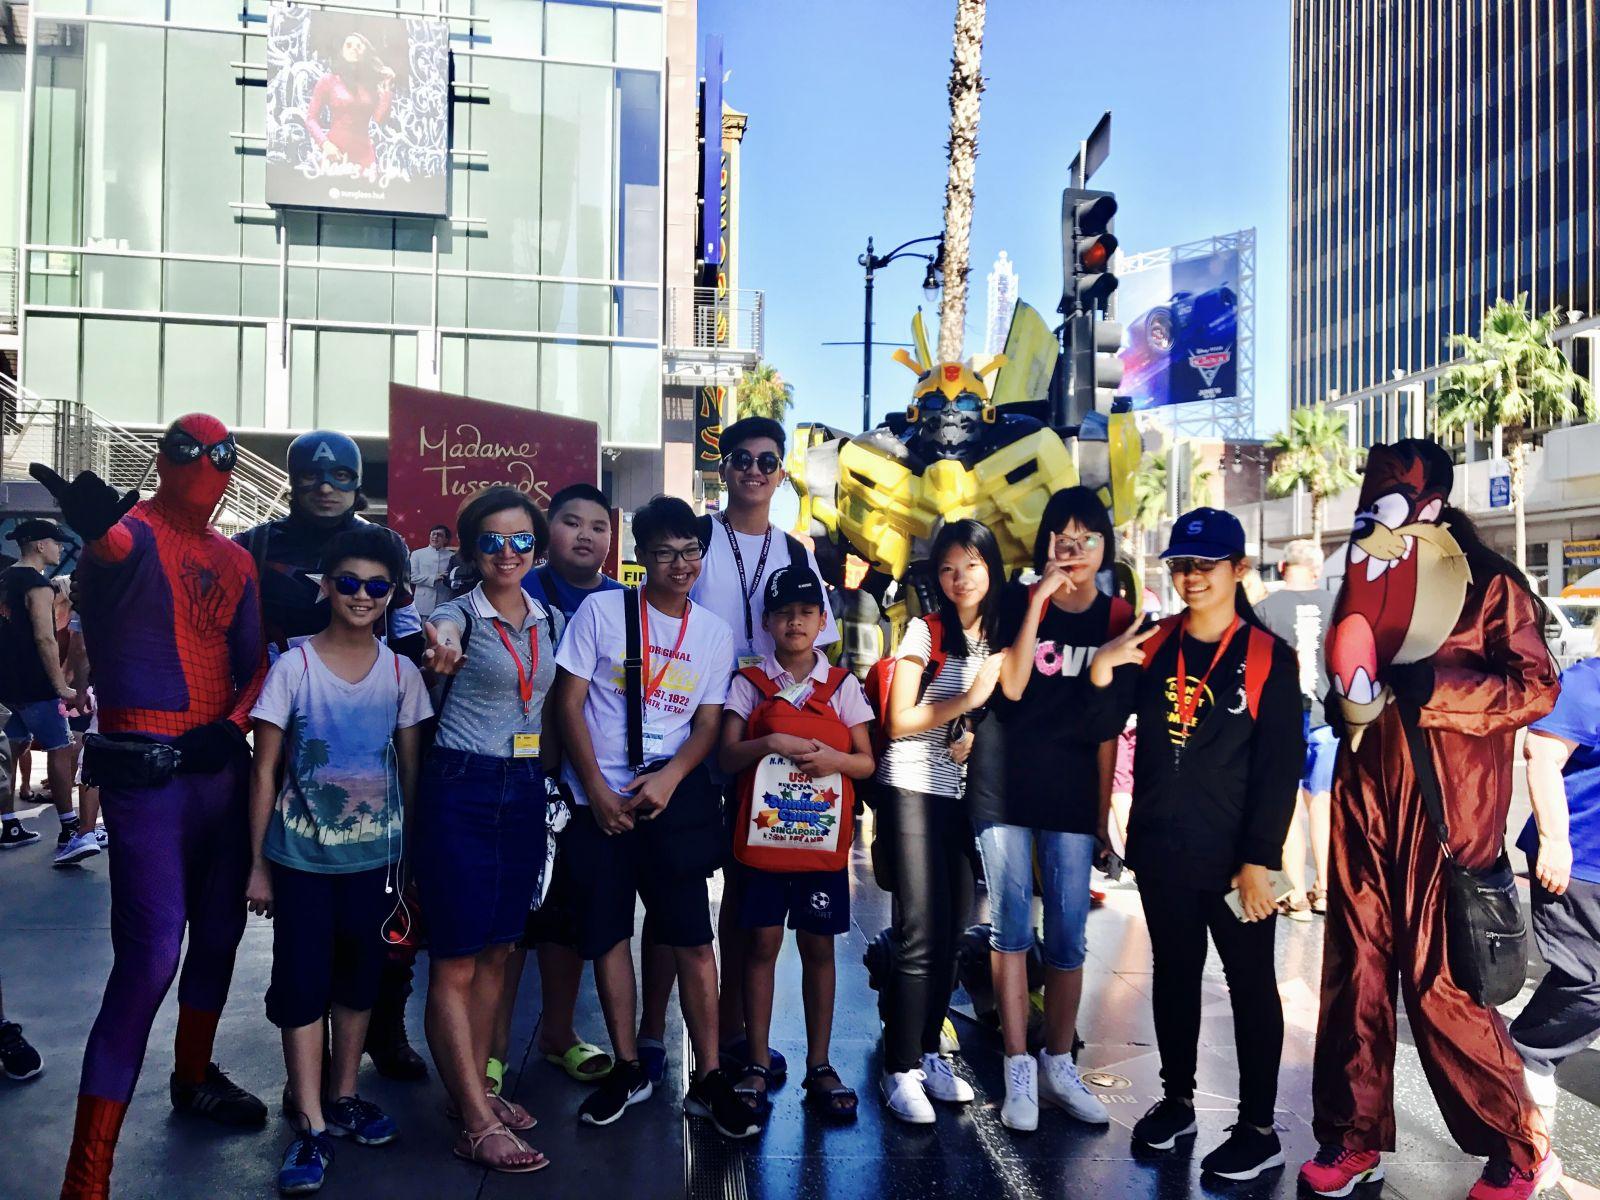 Nhóm sinh viên tham dự khóa du học hè đang đi tham quan